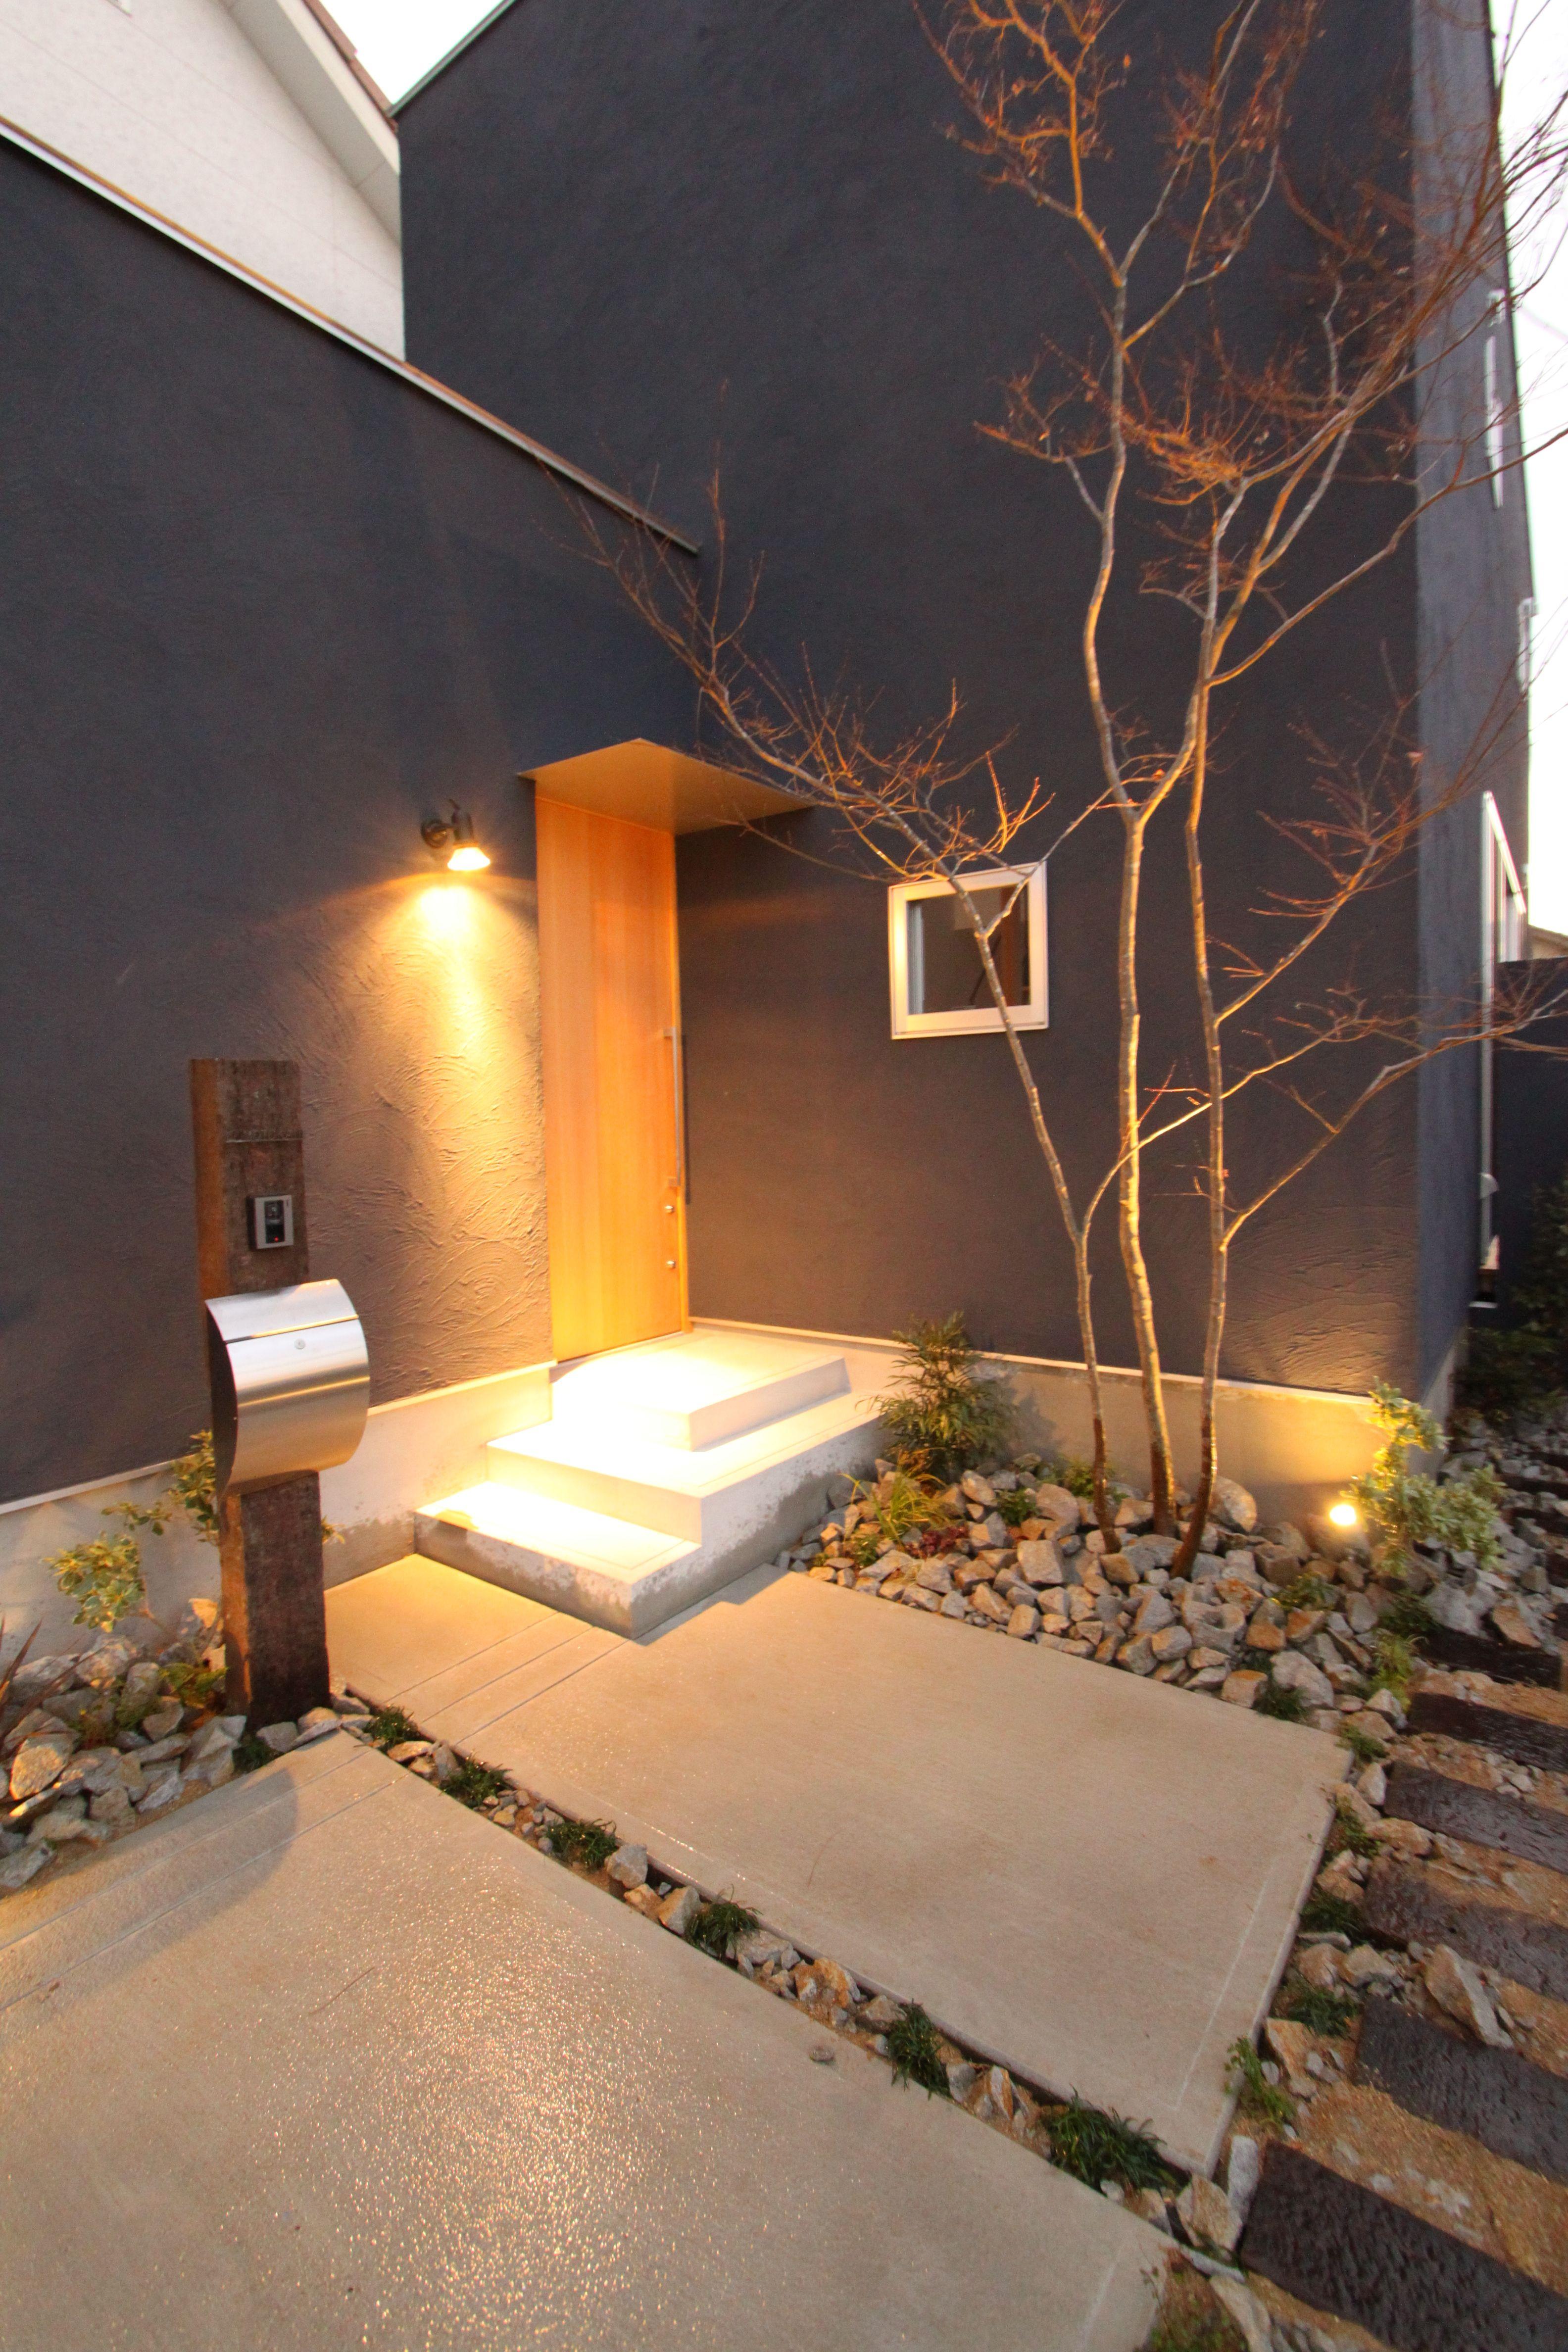 ライトアップされたシンボルツリーが印象的 和風の家の設計 家の